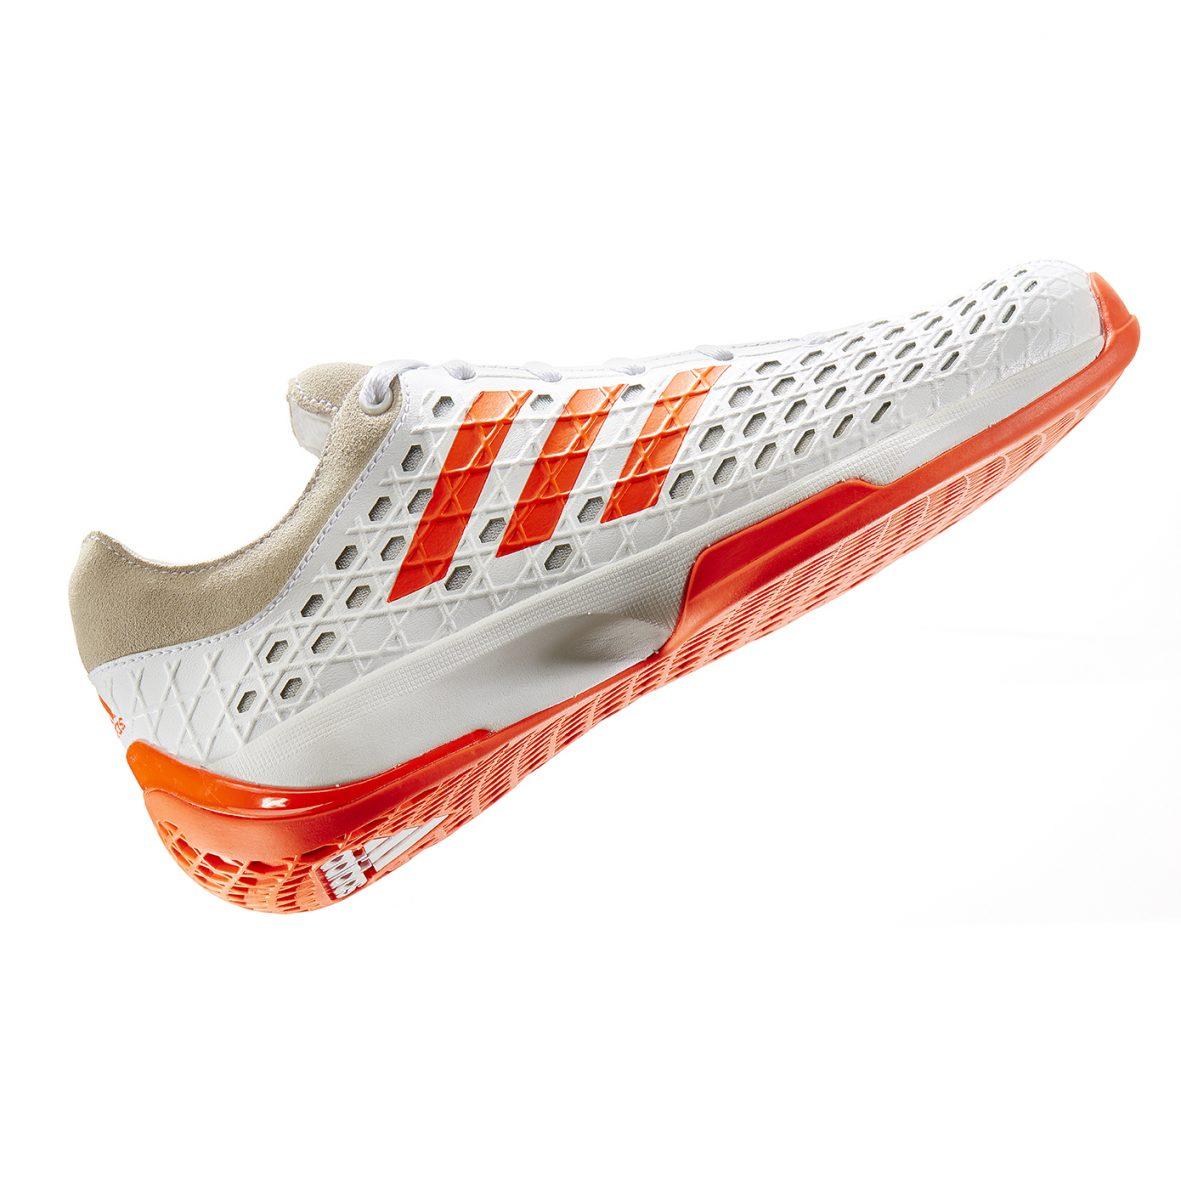 Adidas 2016 Fencing Shoe  Fencing.Net